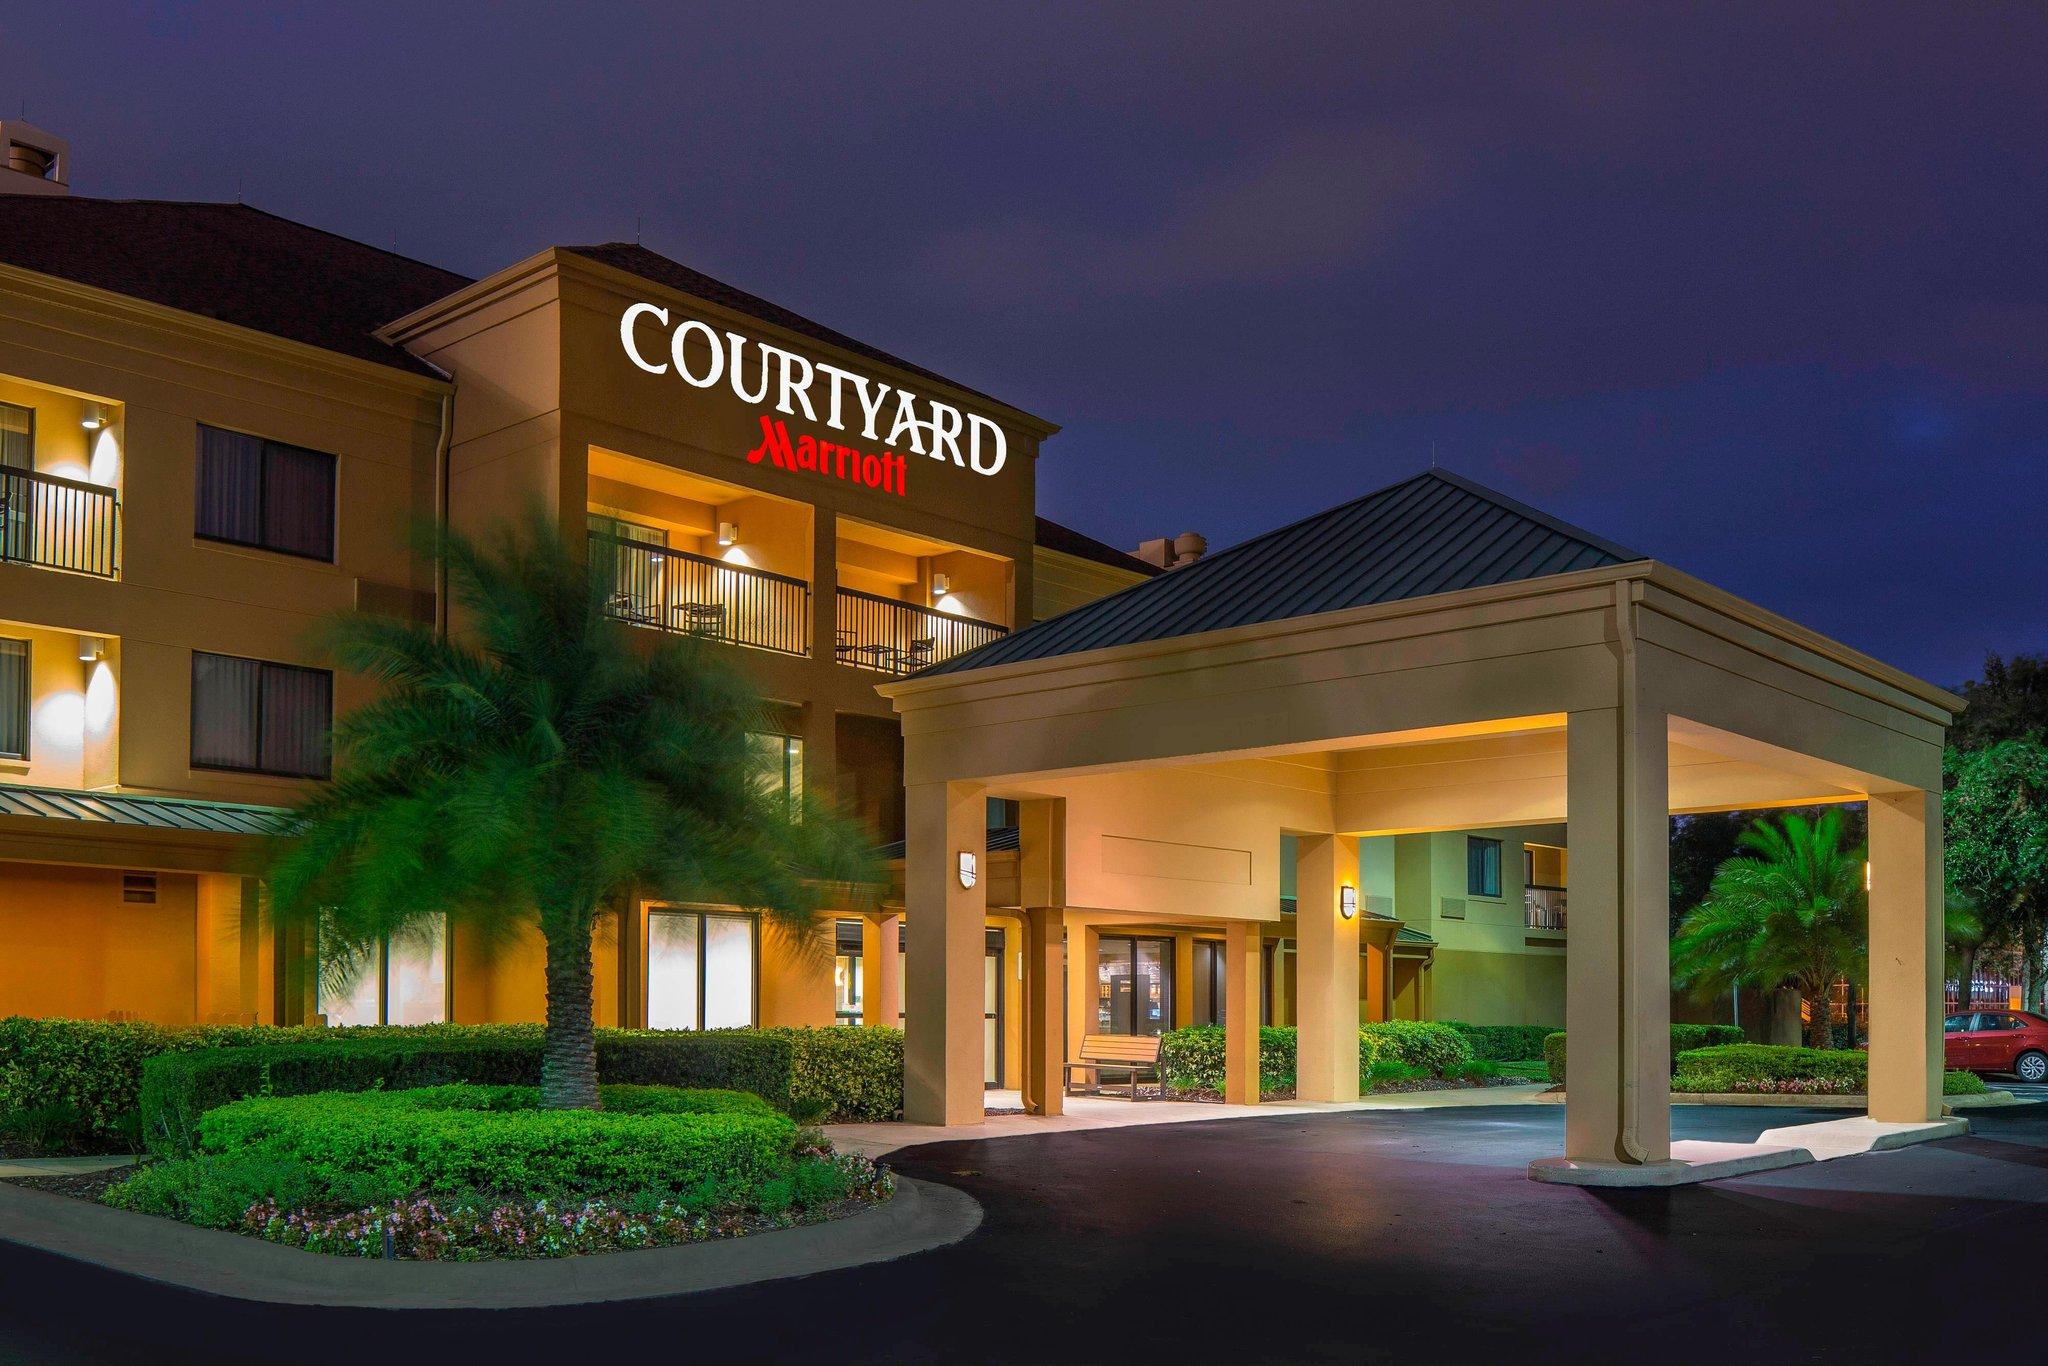 Courtyard by Marrriott Daytona Beach Speedway-Airport